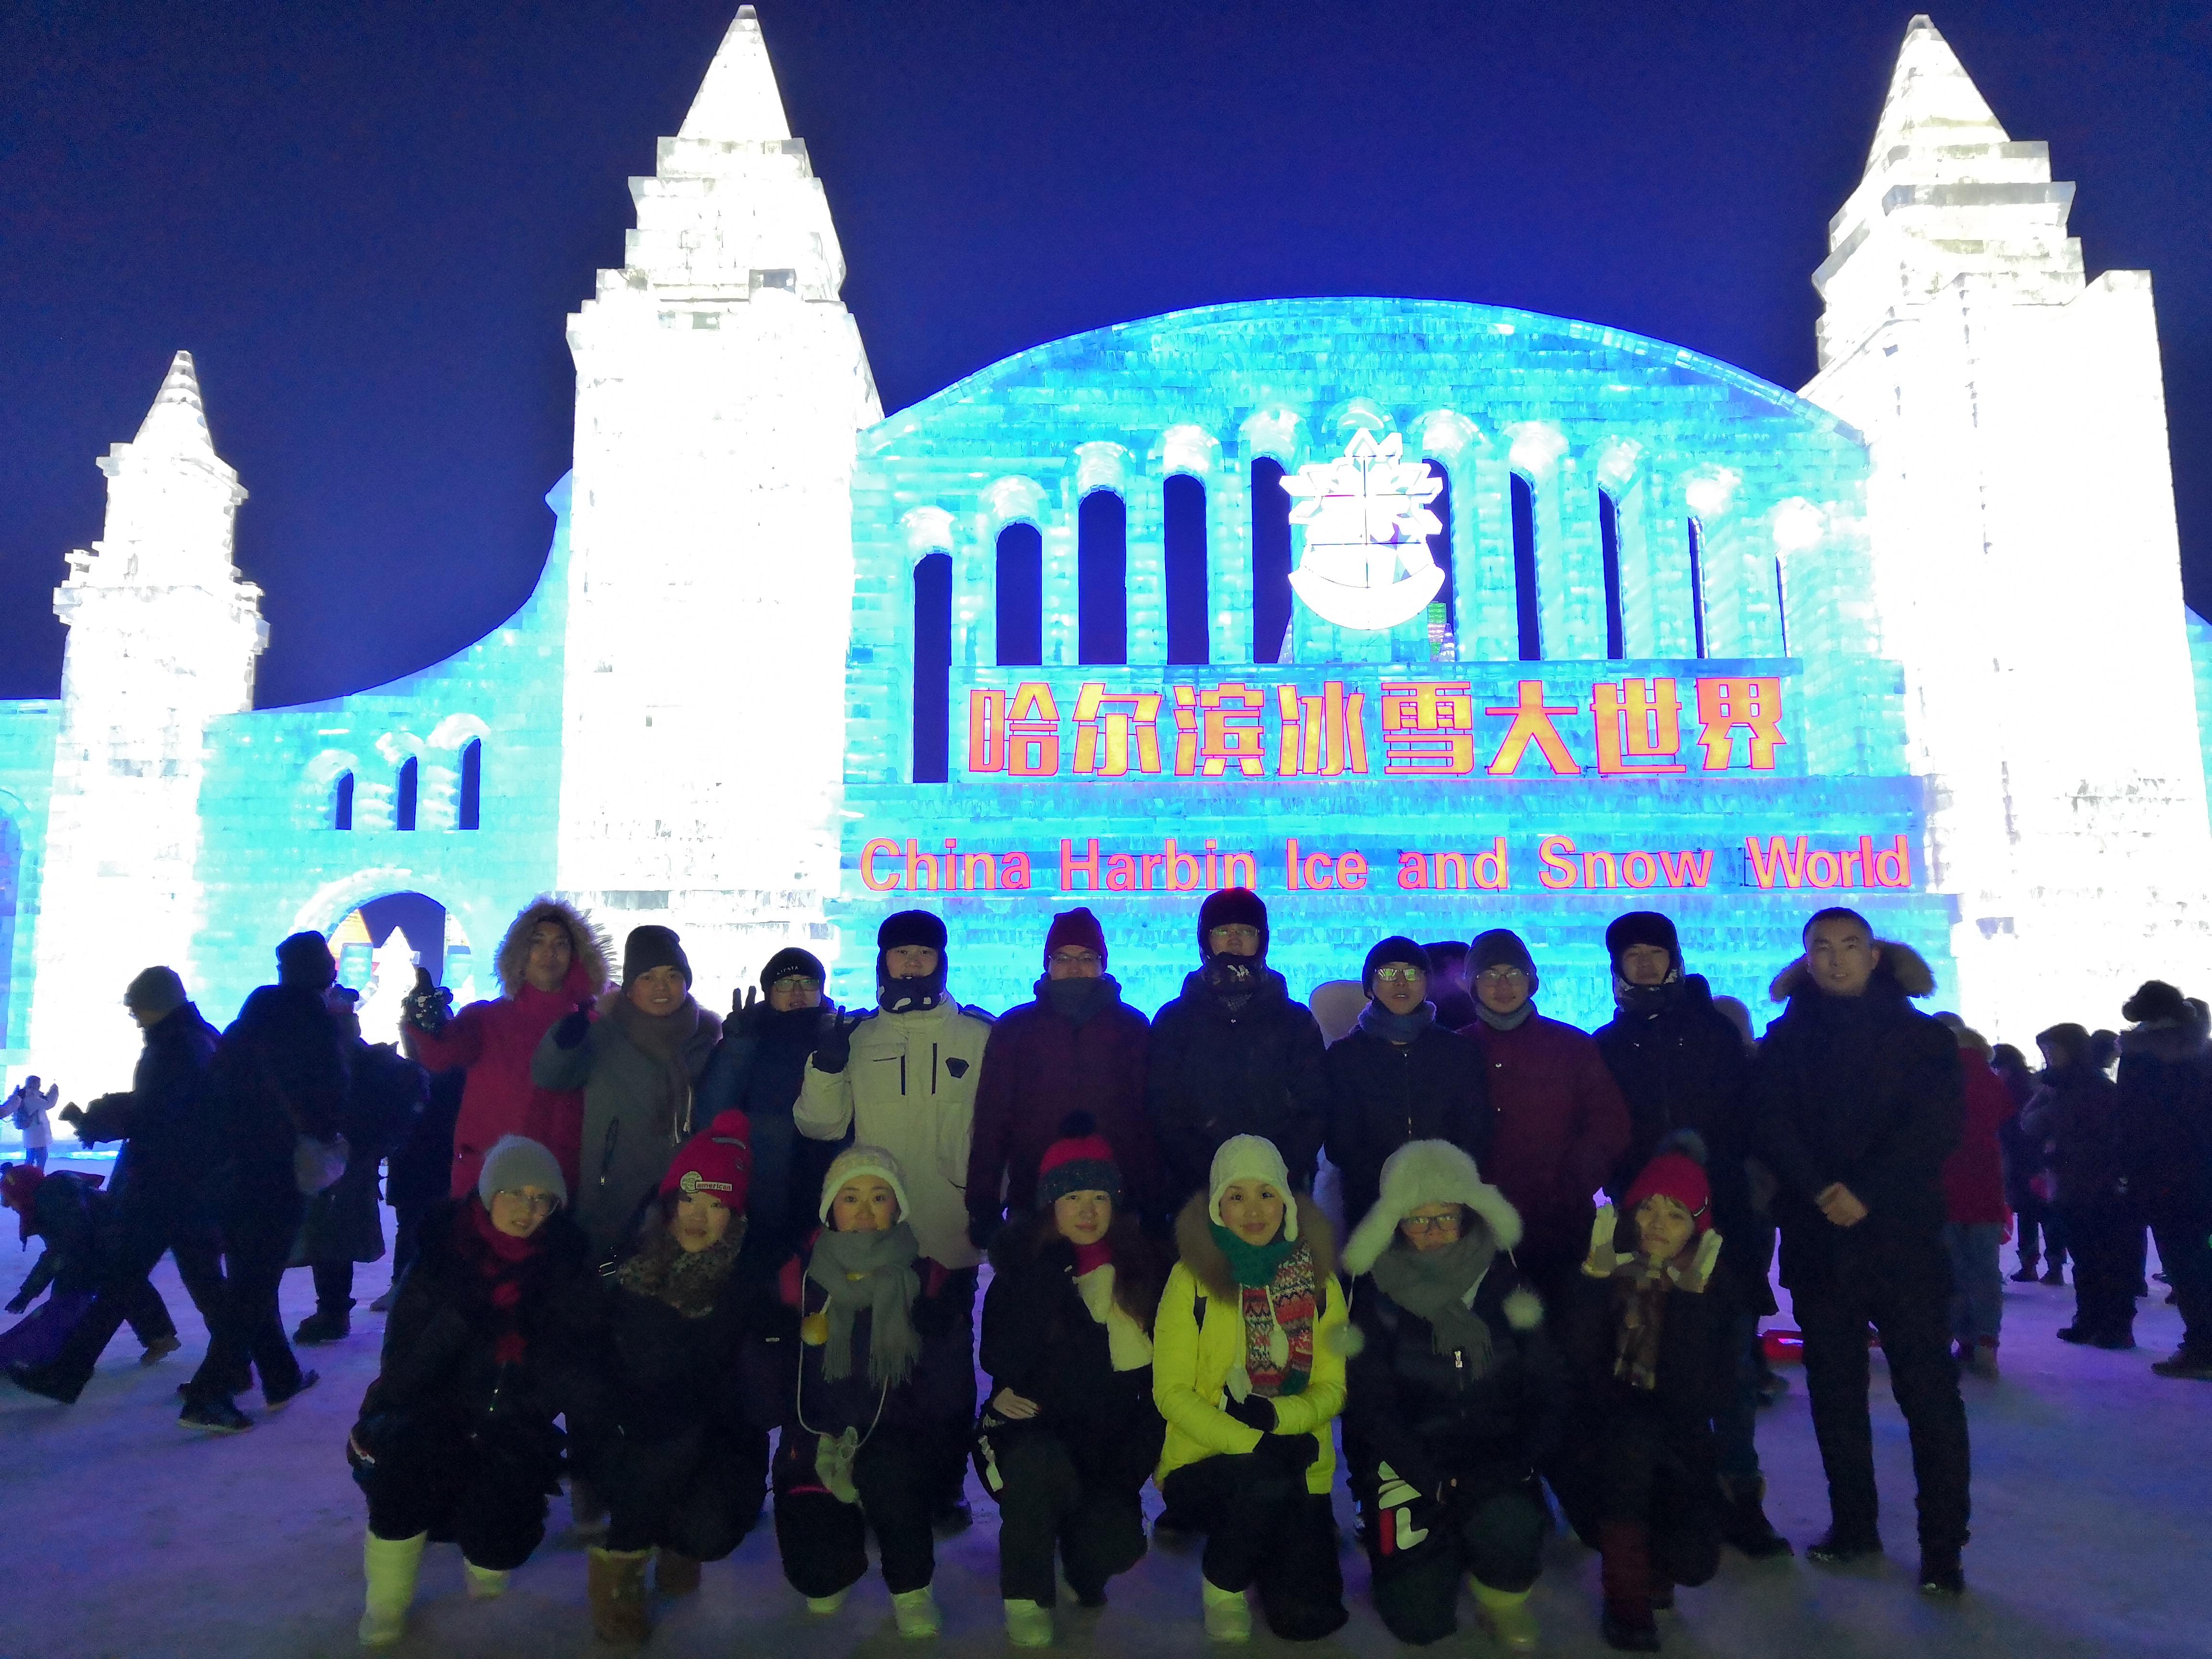 苏州平安彩票APP信息之冰雪旅行